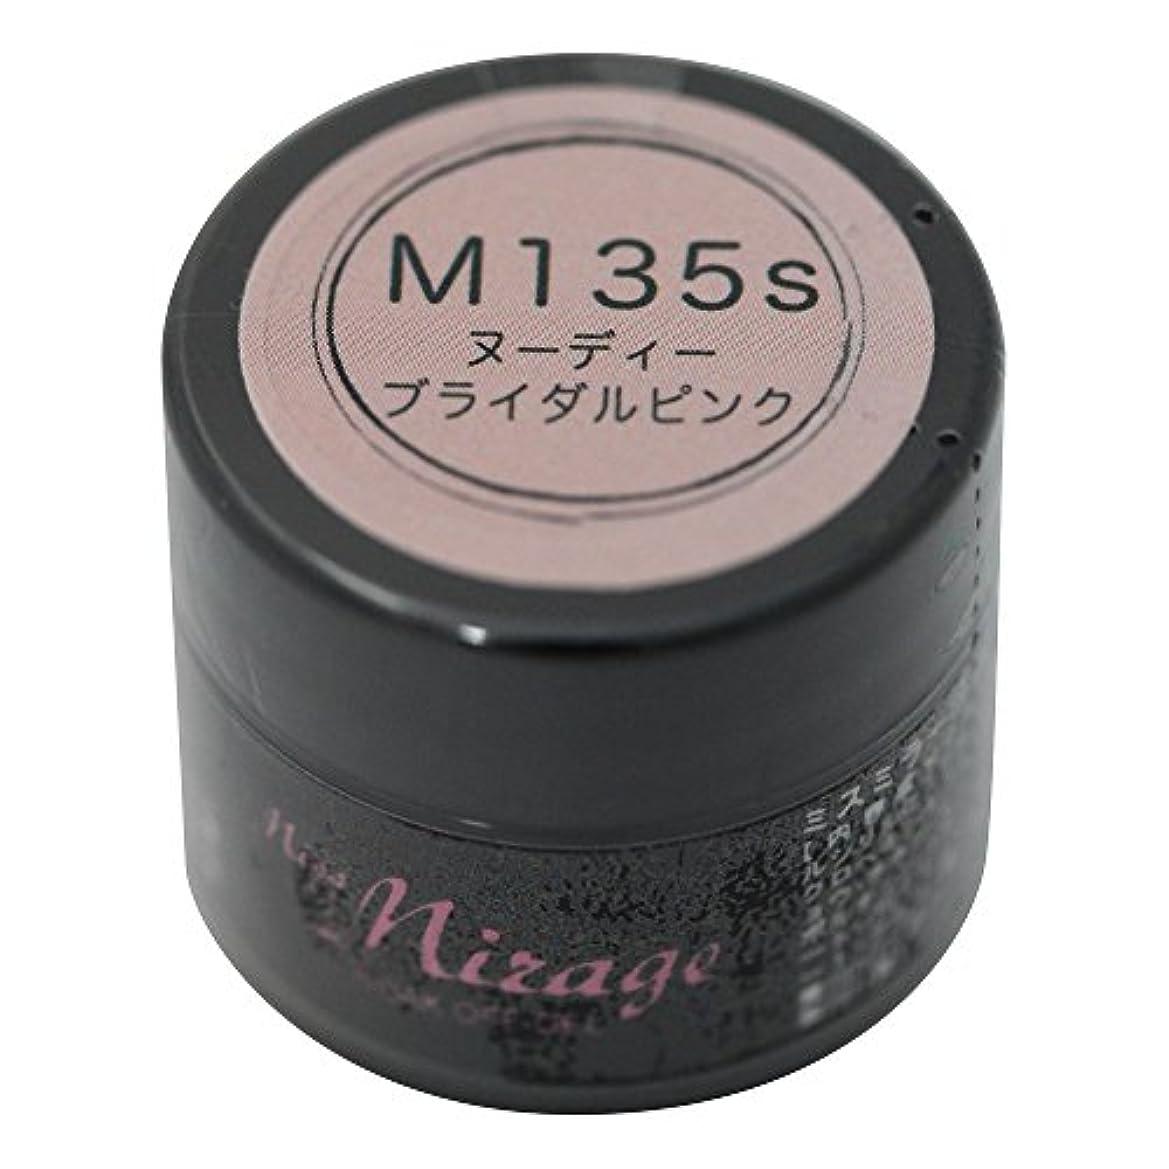 一時解雇するリル巧みなMiss Mirage M135S ヌーディーブライダルピンク 2.5g UV/LED対応タイオウ